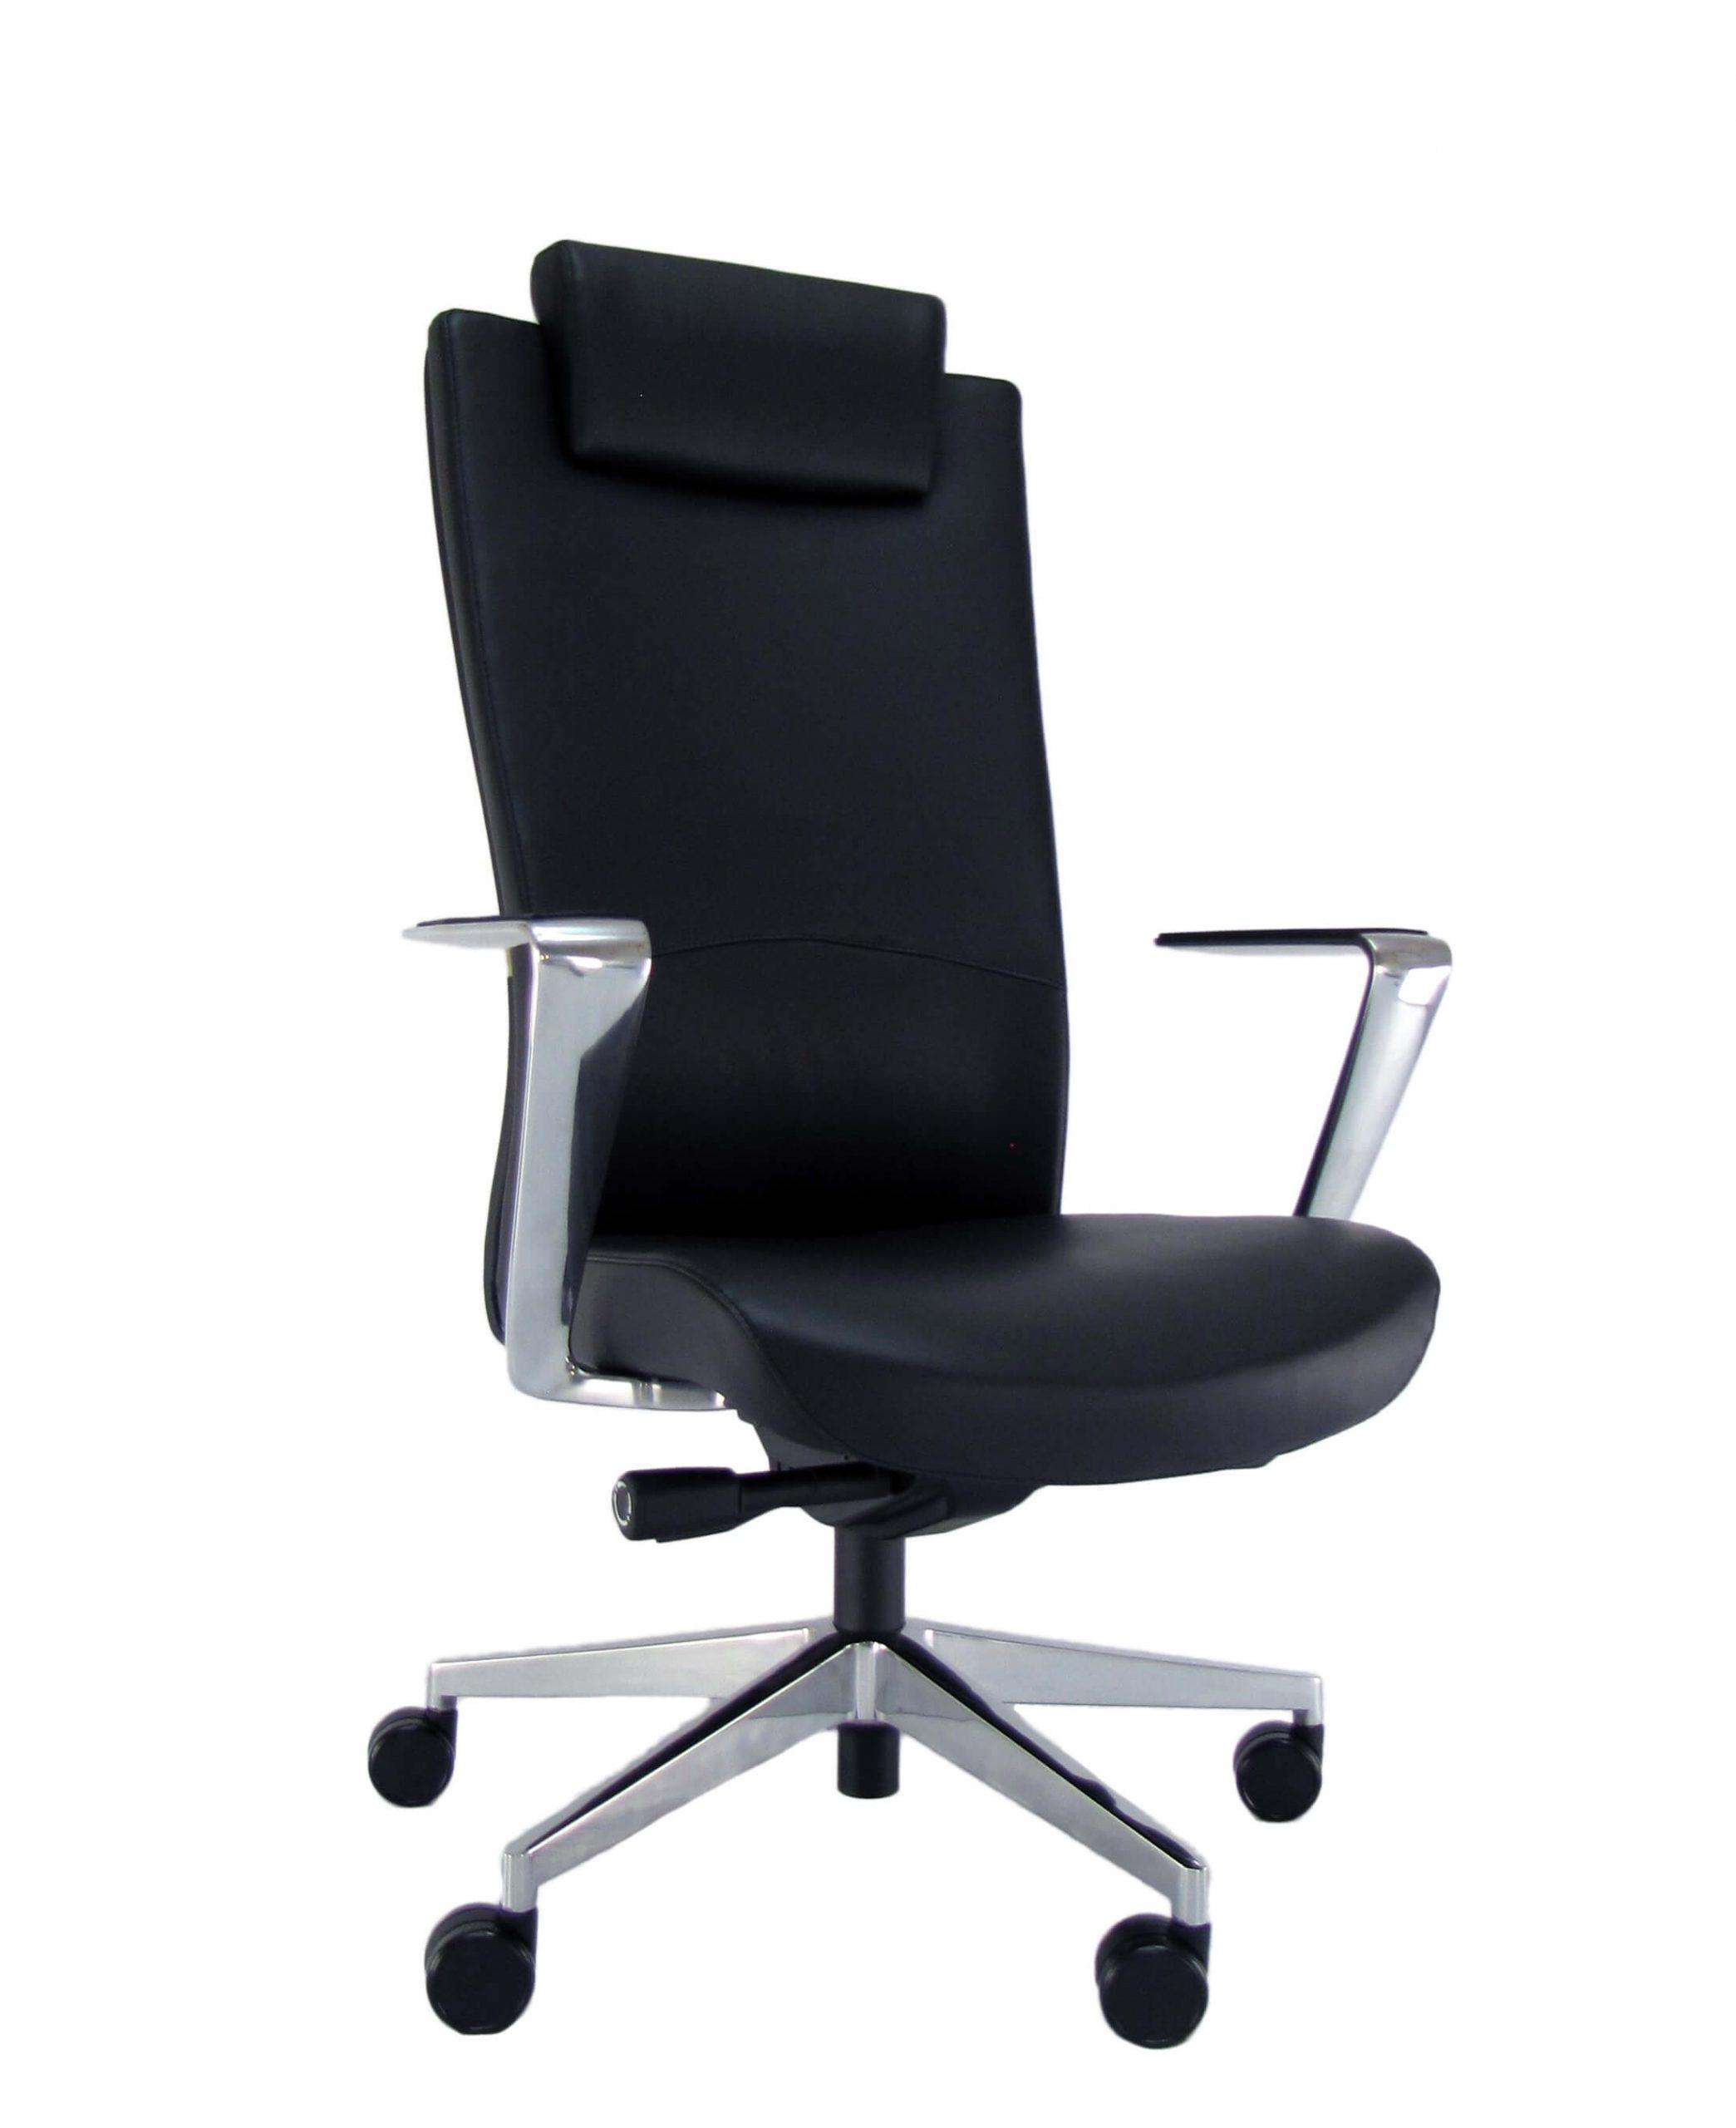 Natūralios odos ergonominė kėdė Newport HRU LE su atrama galvai.